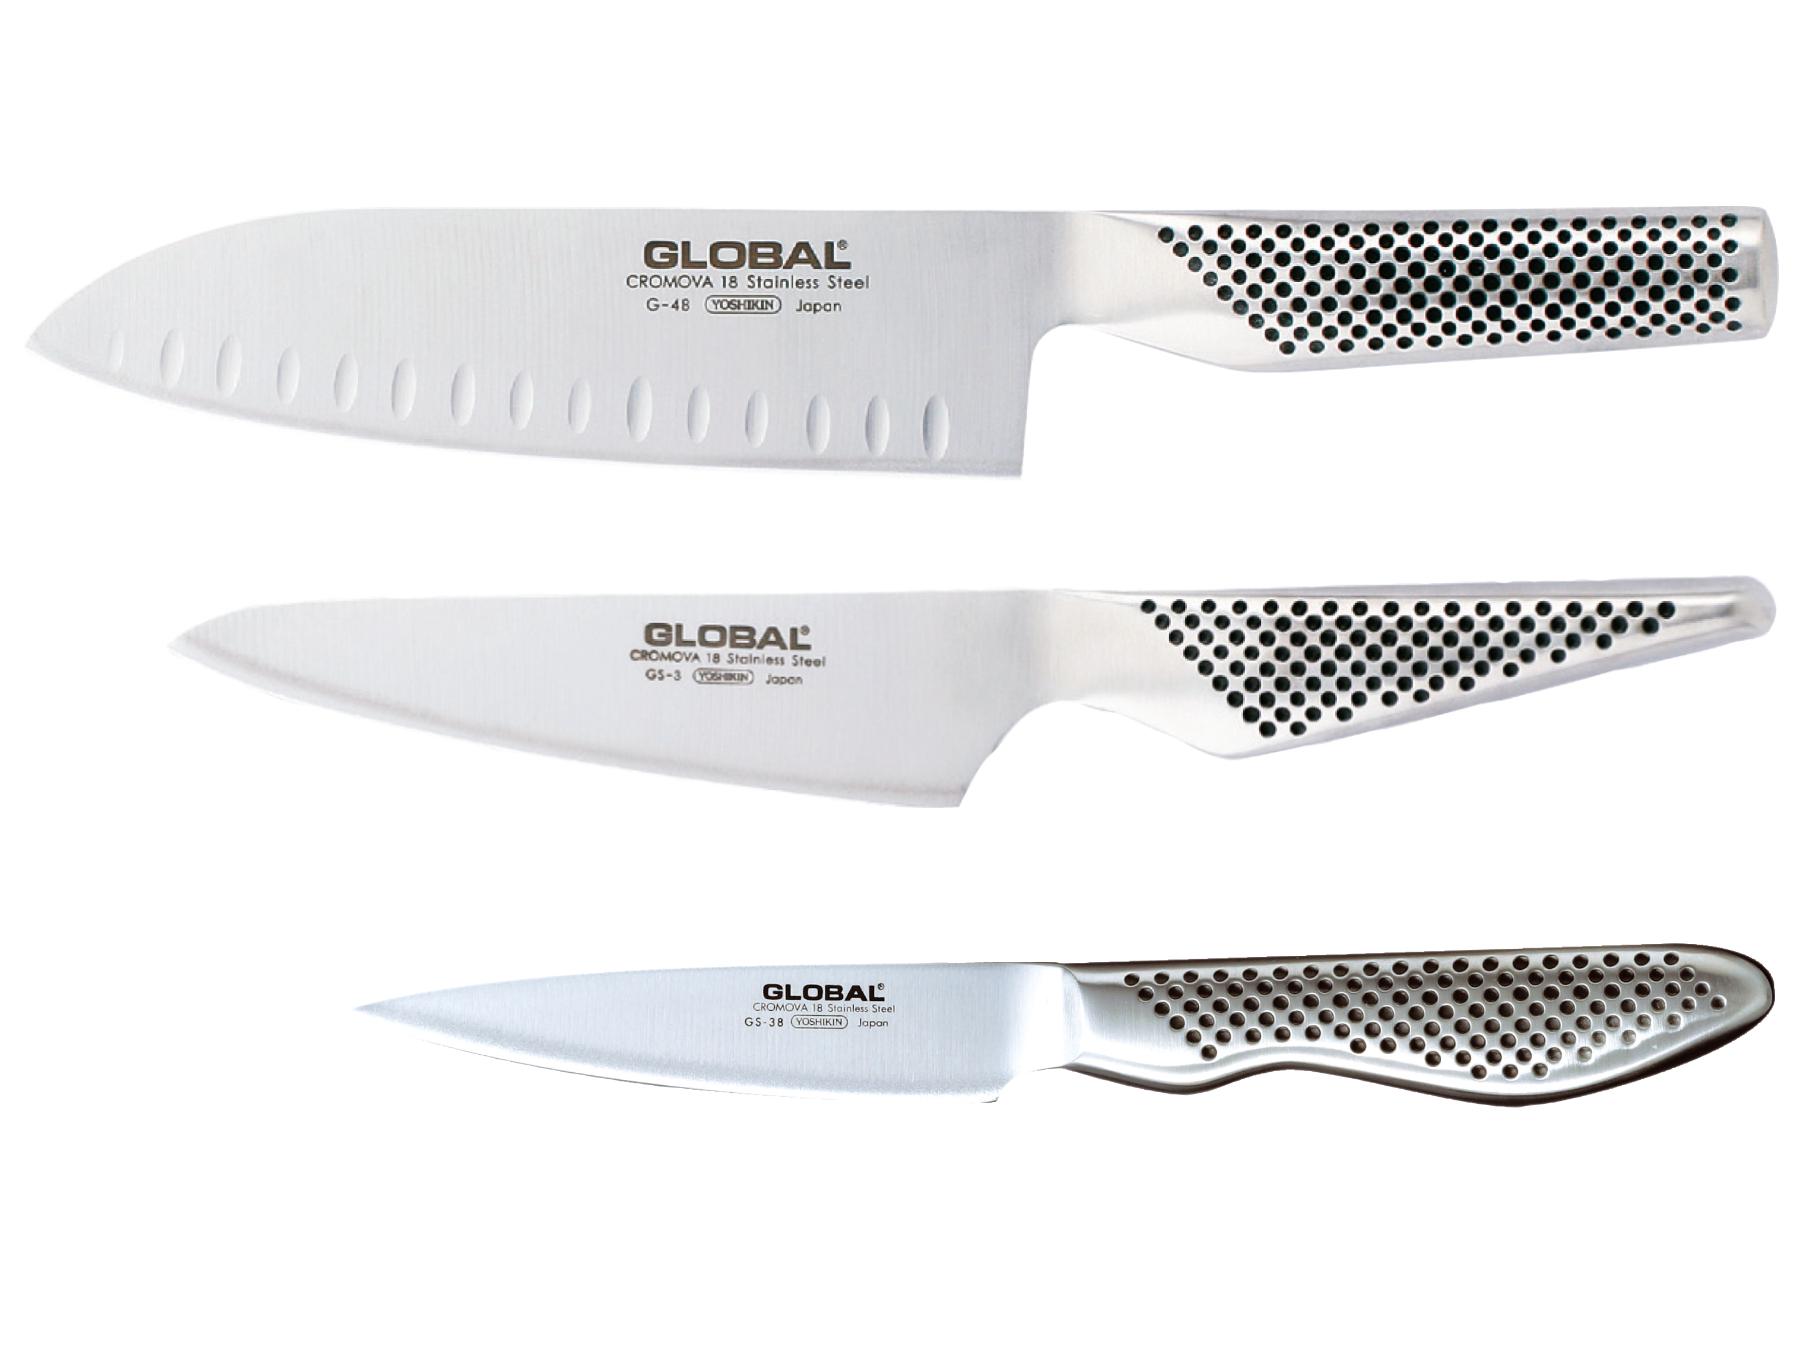 Global G-48338 Messerset 3 teilig, G-48, GS-3 und GS-38